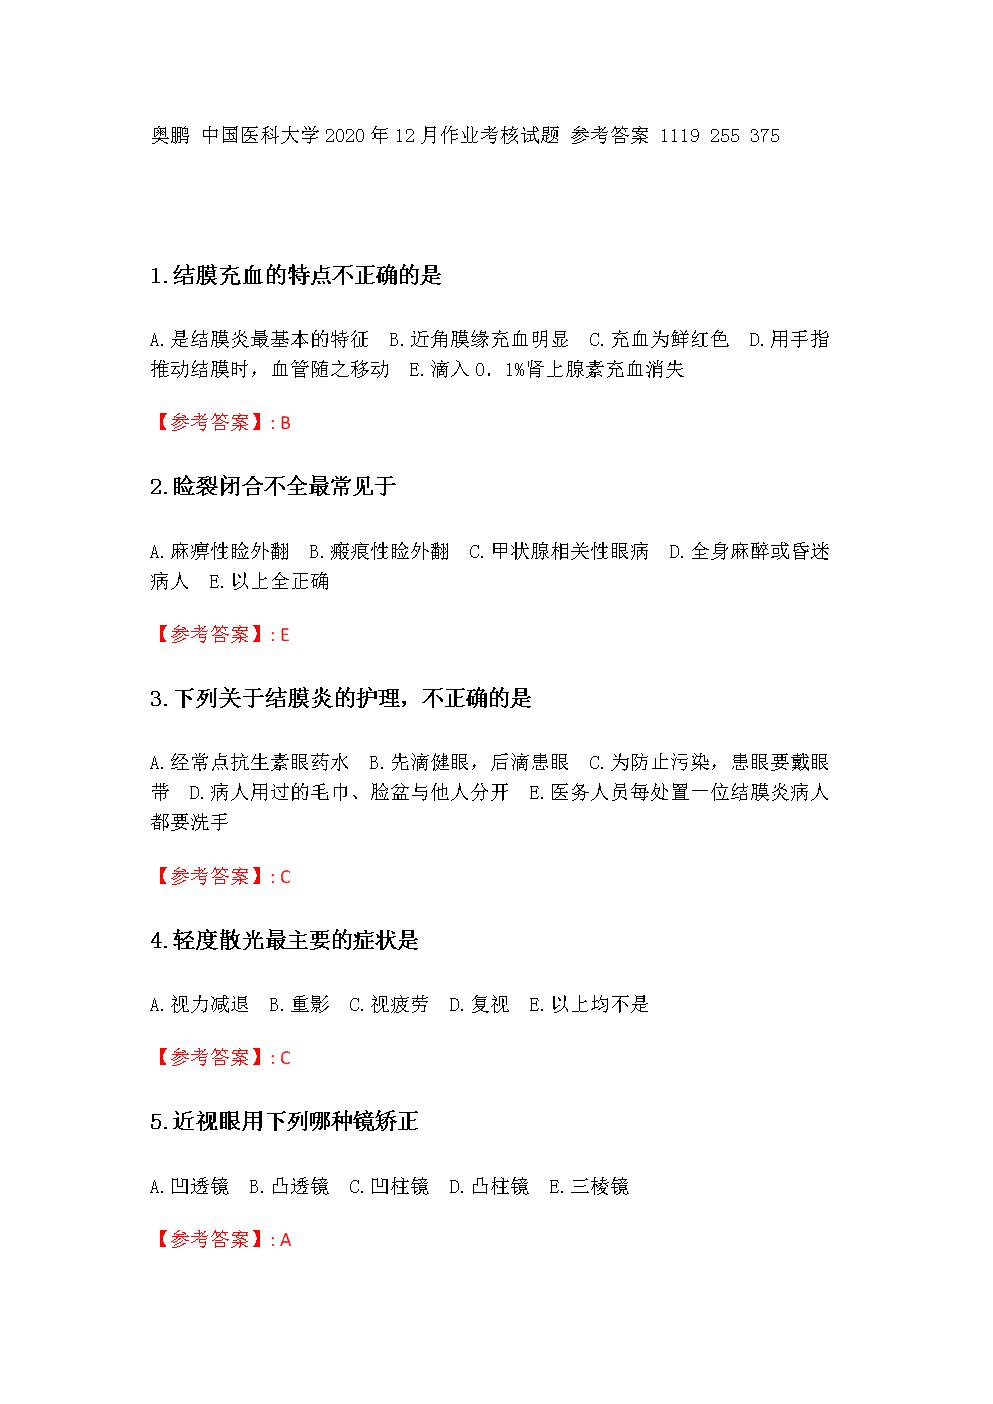 奥鹏 中国医科大学2020年12月《五官科护理学》作业考核试题 参考答案.doc